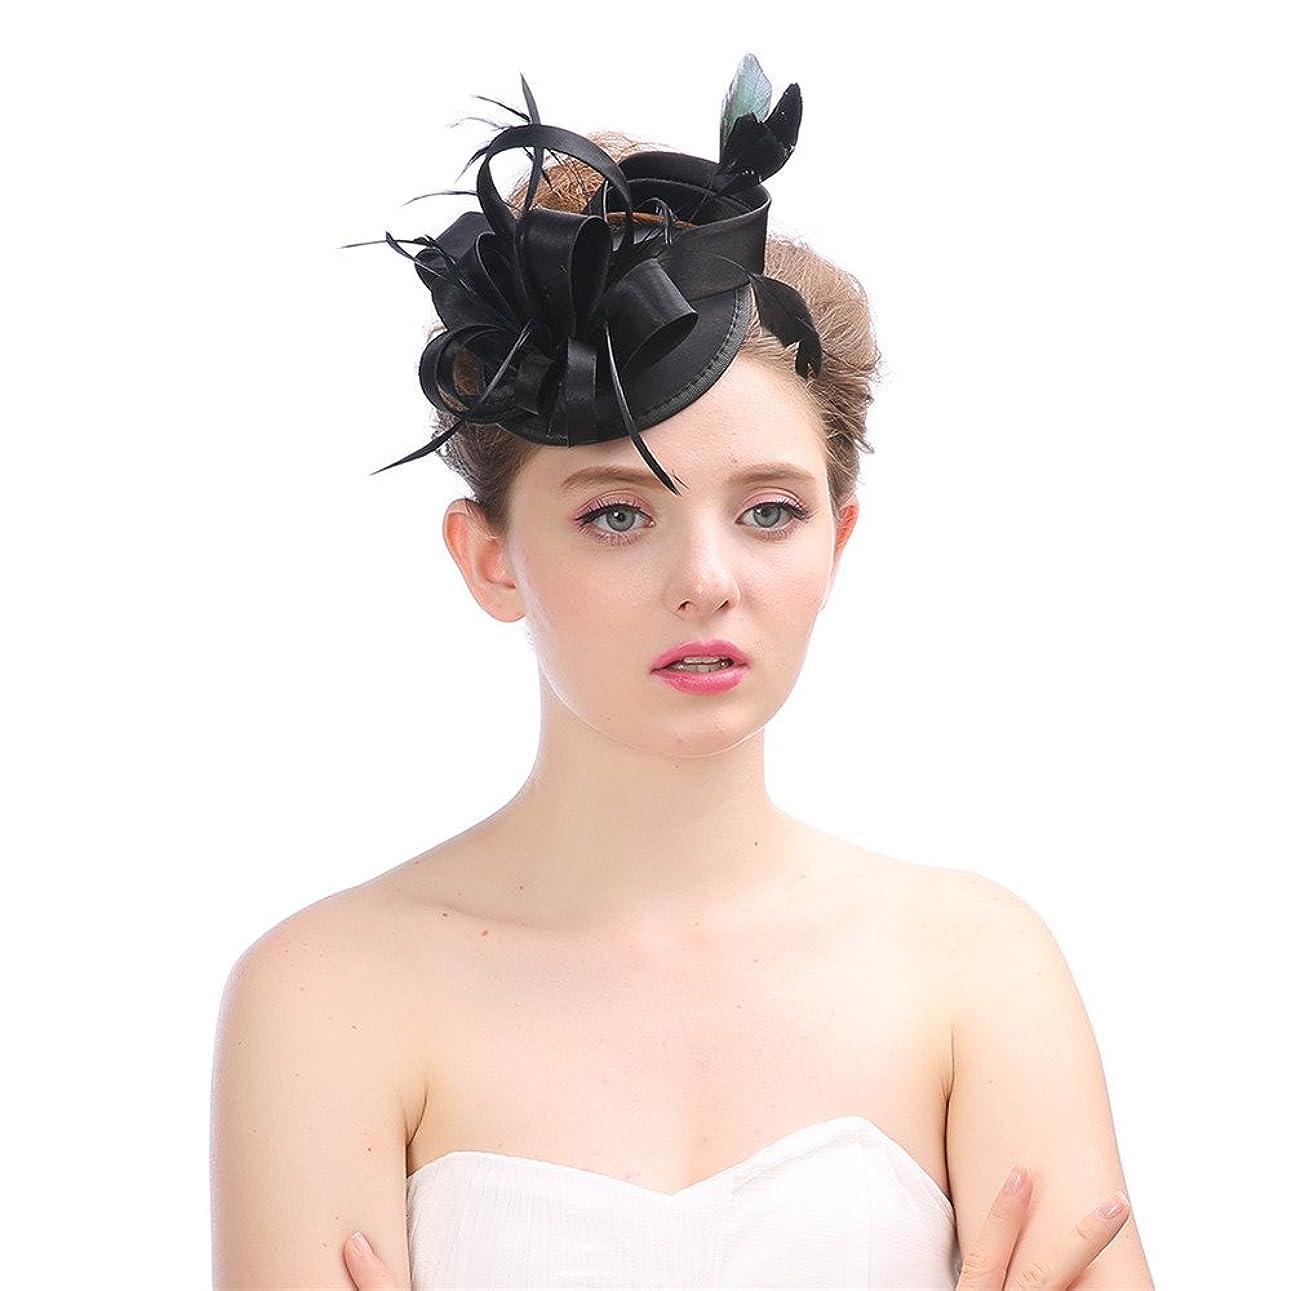 幸運世界に死んだ手配する女性の魅力的な帽子 女性のヴィンテージの魅力的なカクテルパーティーパーティー帽子羽花ヘアクリップヘアバンド花嫁シナマイパーティー結婚式 (色 : Grey)